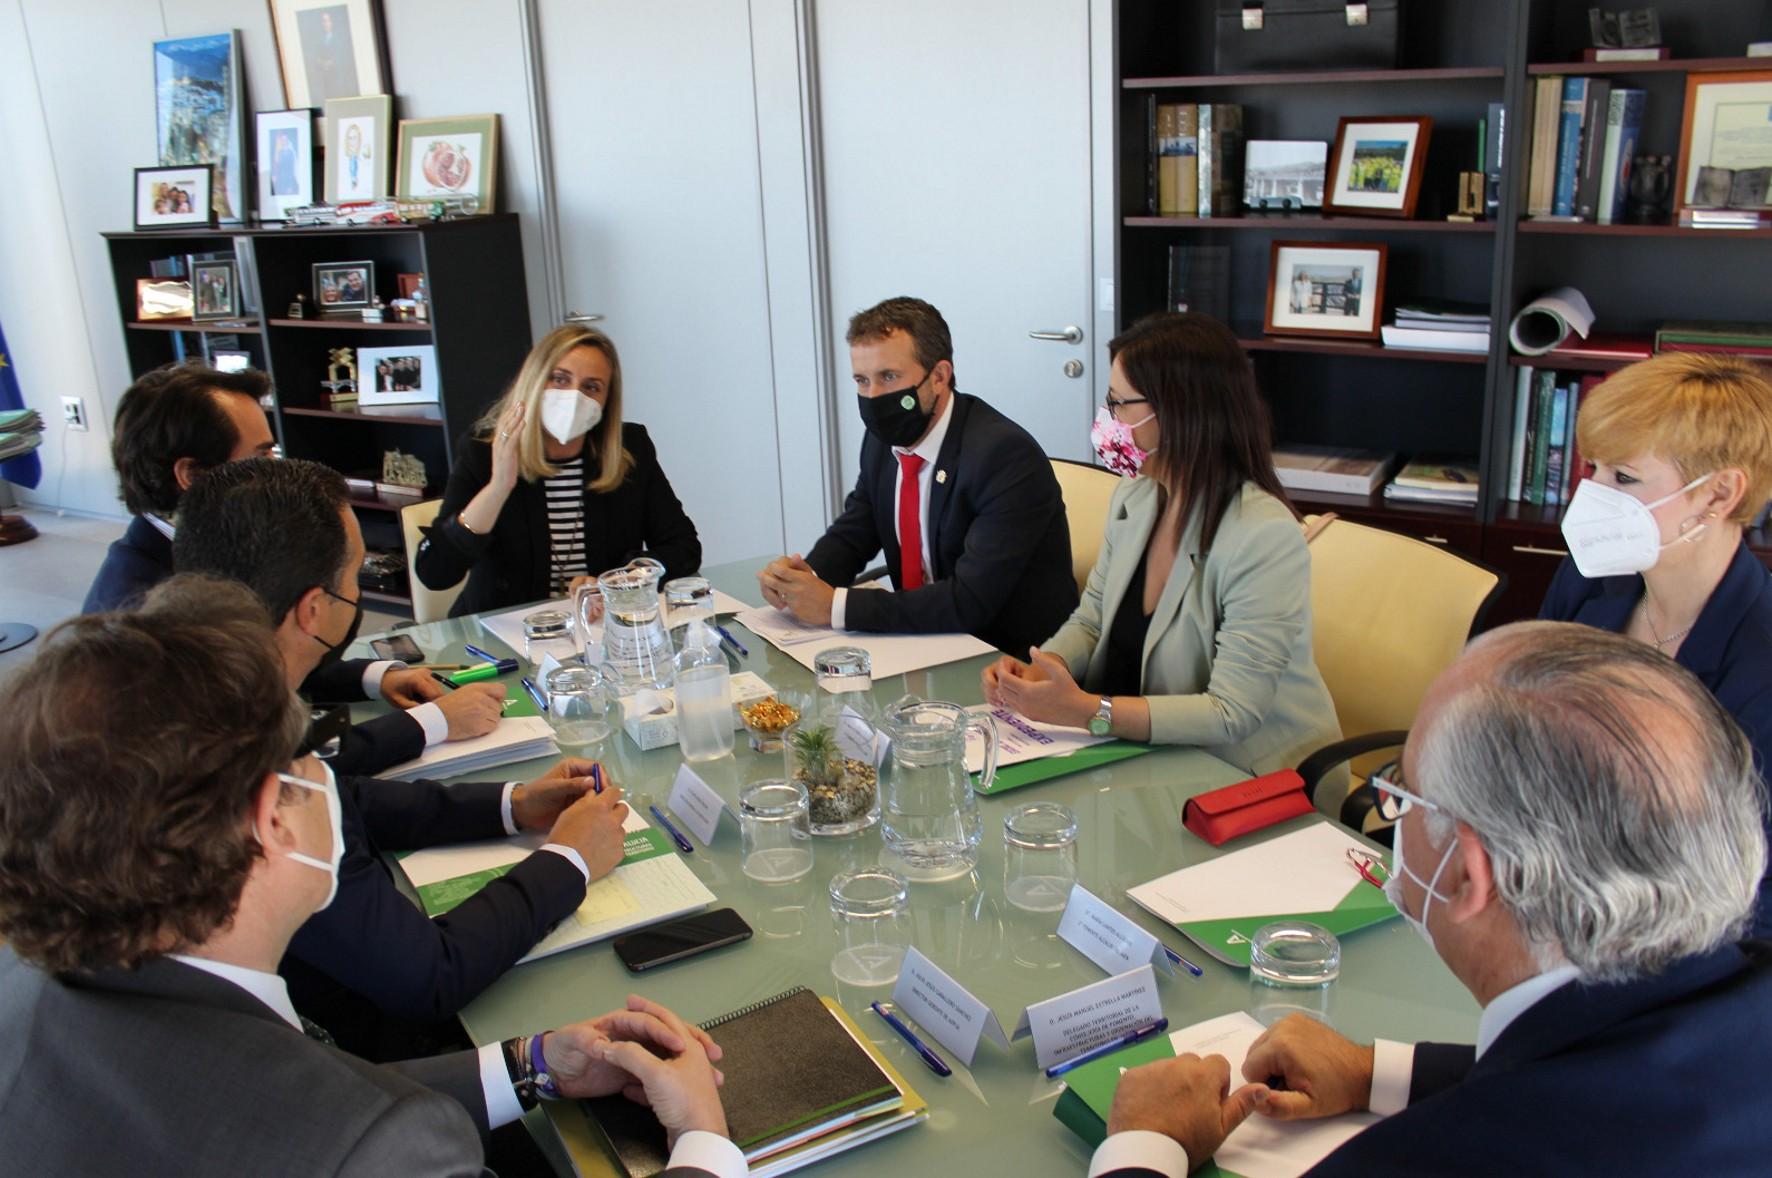 La Junta y el Ayuntamiento de Jaén firmarán el próximo día 23 el nuevo convenio del tranvía